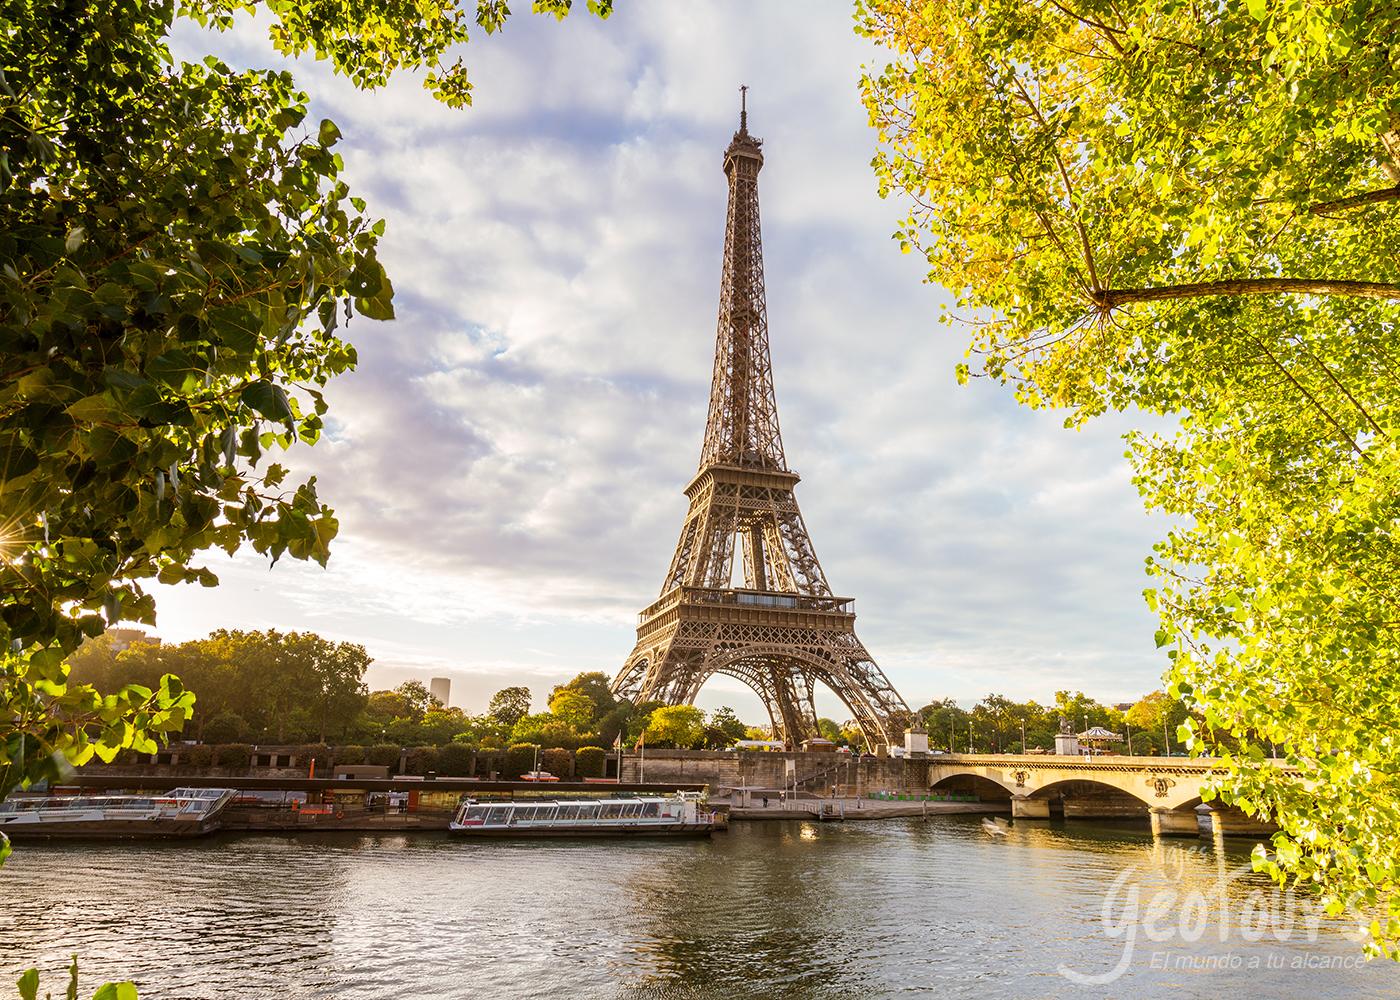 París y castillos de Loira (5 días) inicio/ fin París